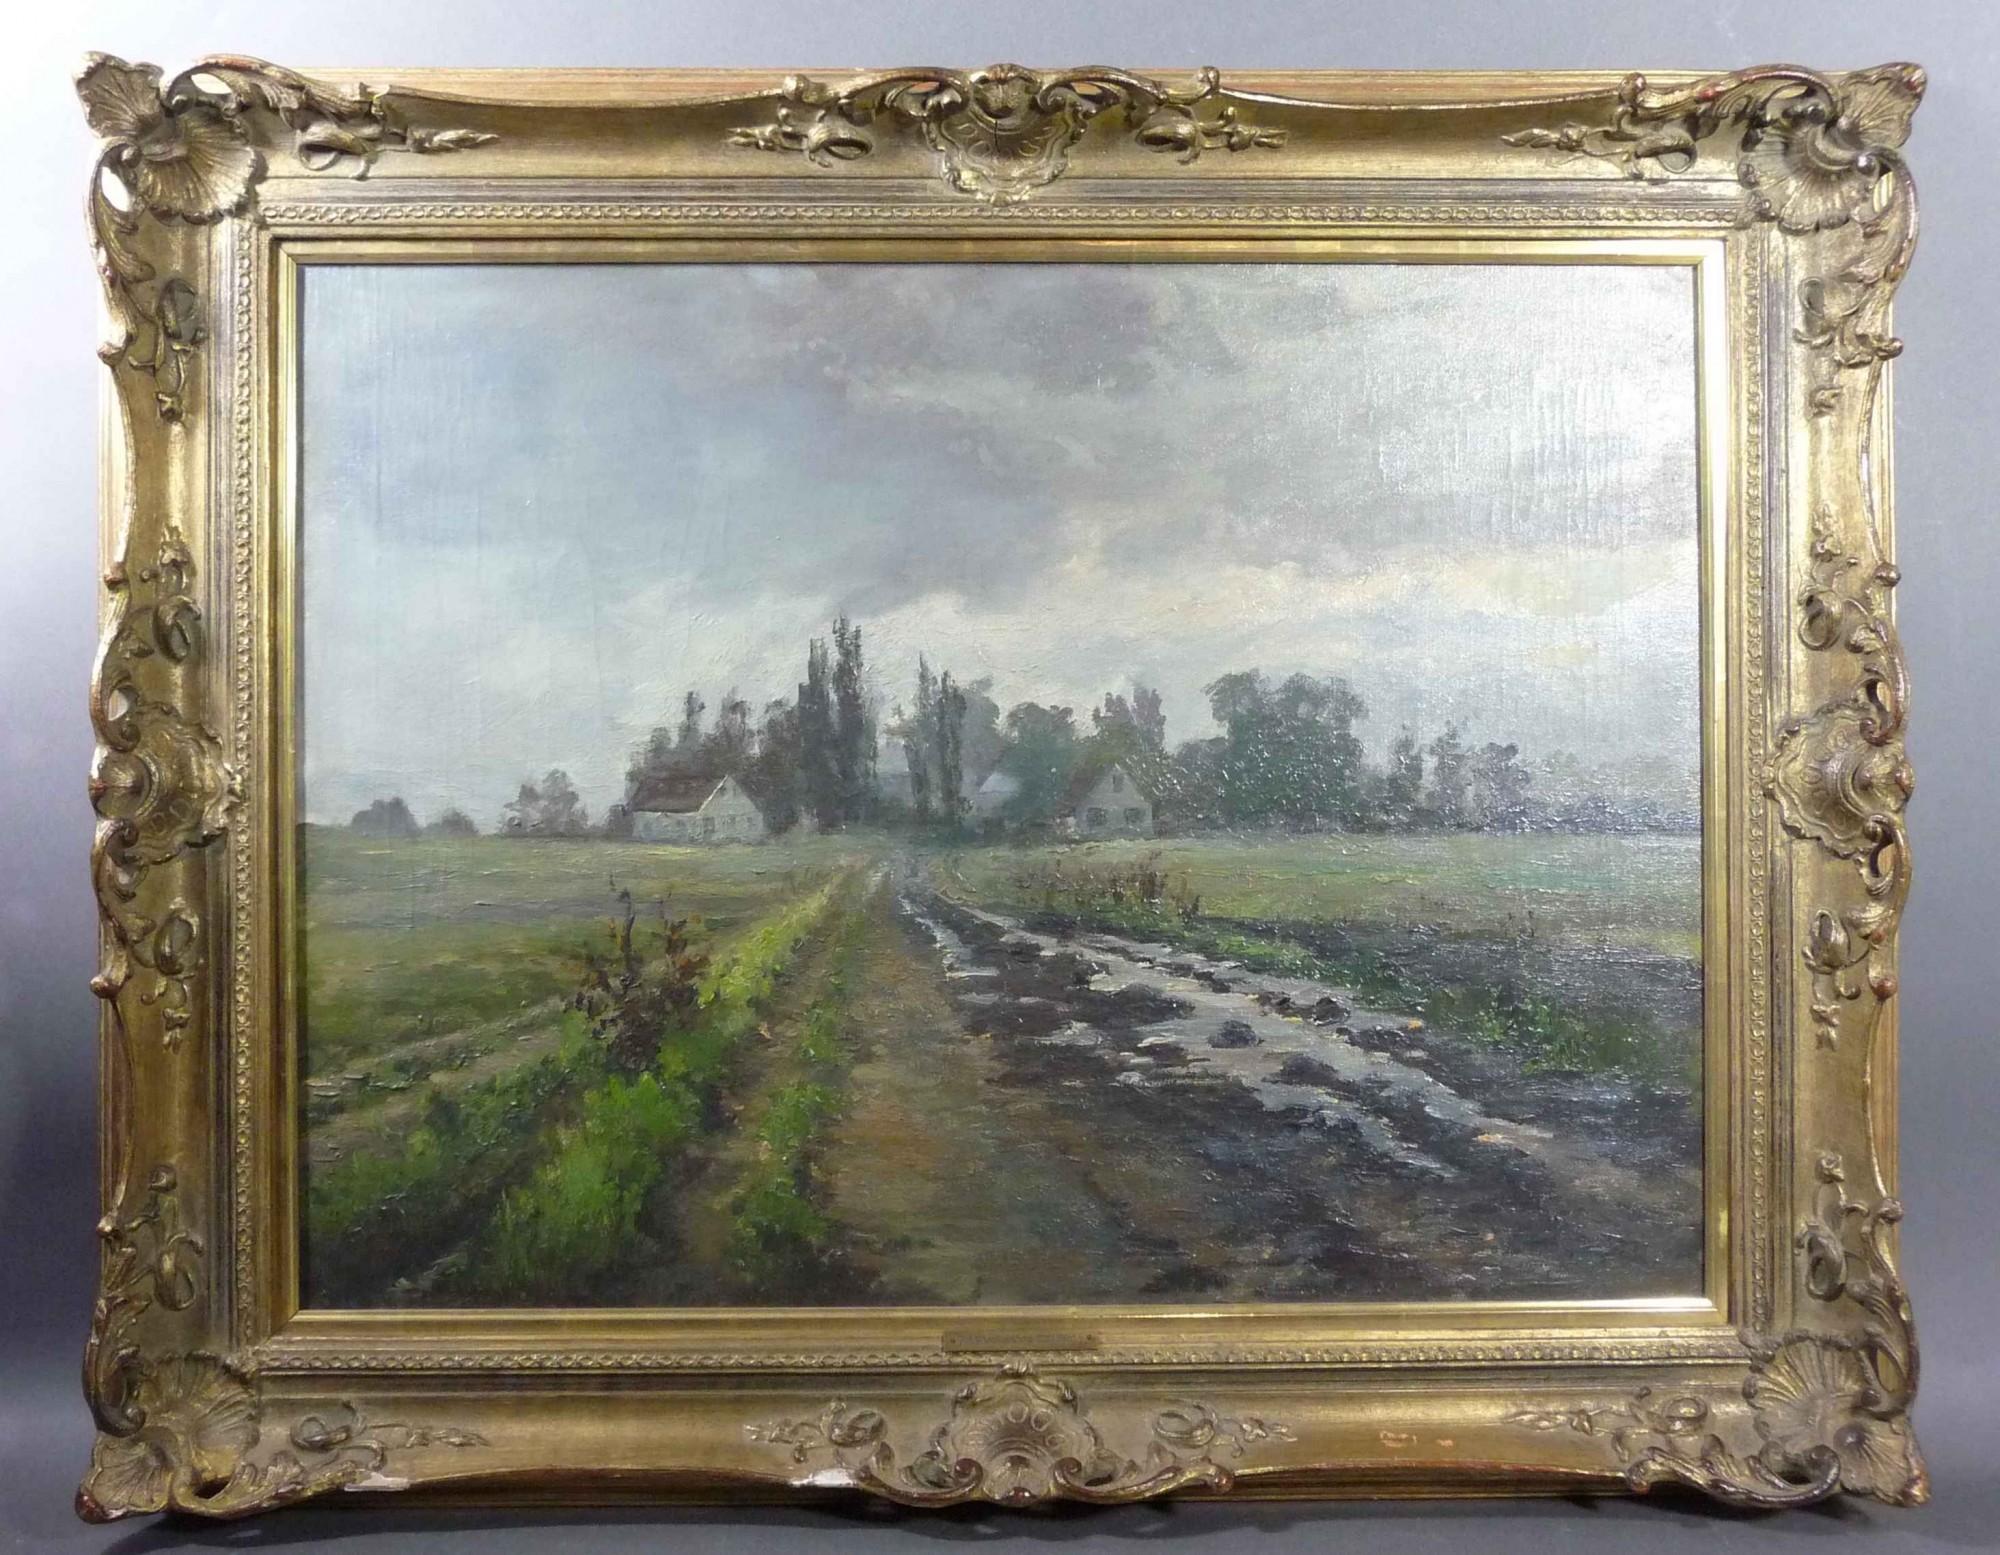 Lot 920 - Tecklenborg, Johanna Blick auf einen Weiler in flacher Landschaft (Bremerhaven 1851-1933 München)